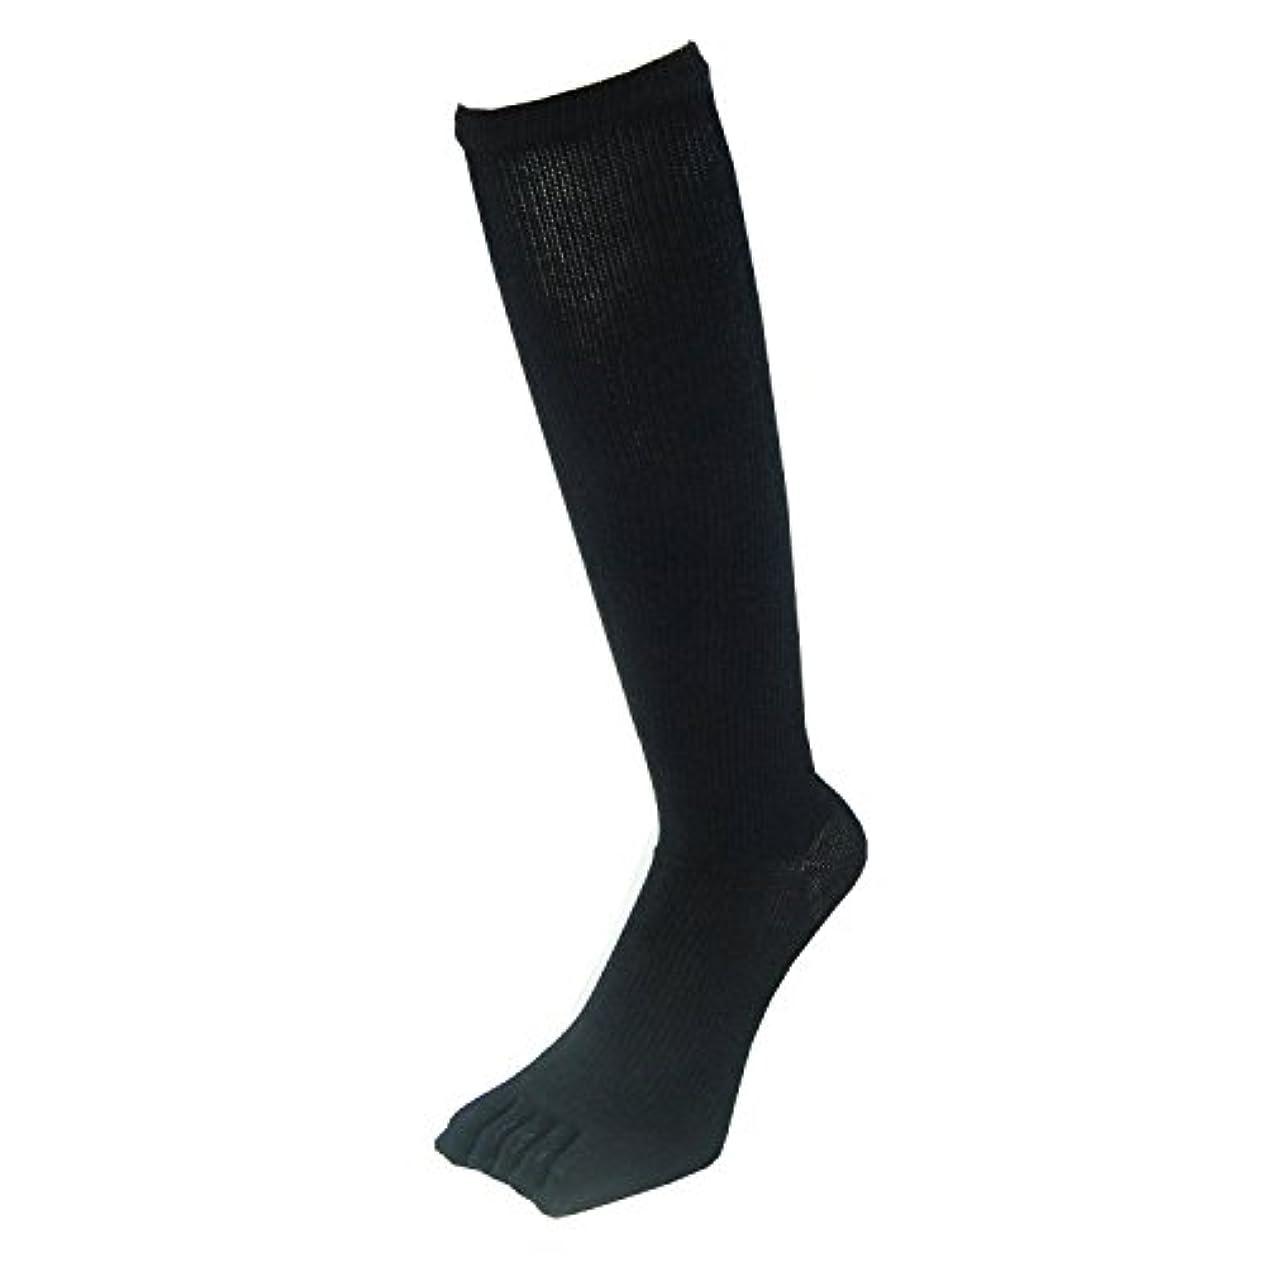 値する予測子ポスターPAX-ASIAN 紳士?メンズ 五本指ハイソックス 着圧靴下 ムクミ解消 抗菌防臭 サポート 黒色?ブラック 3足組 #801